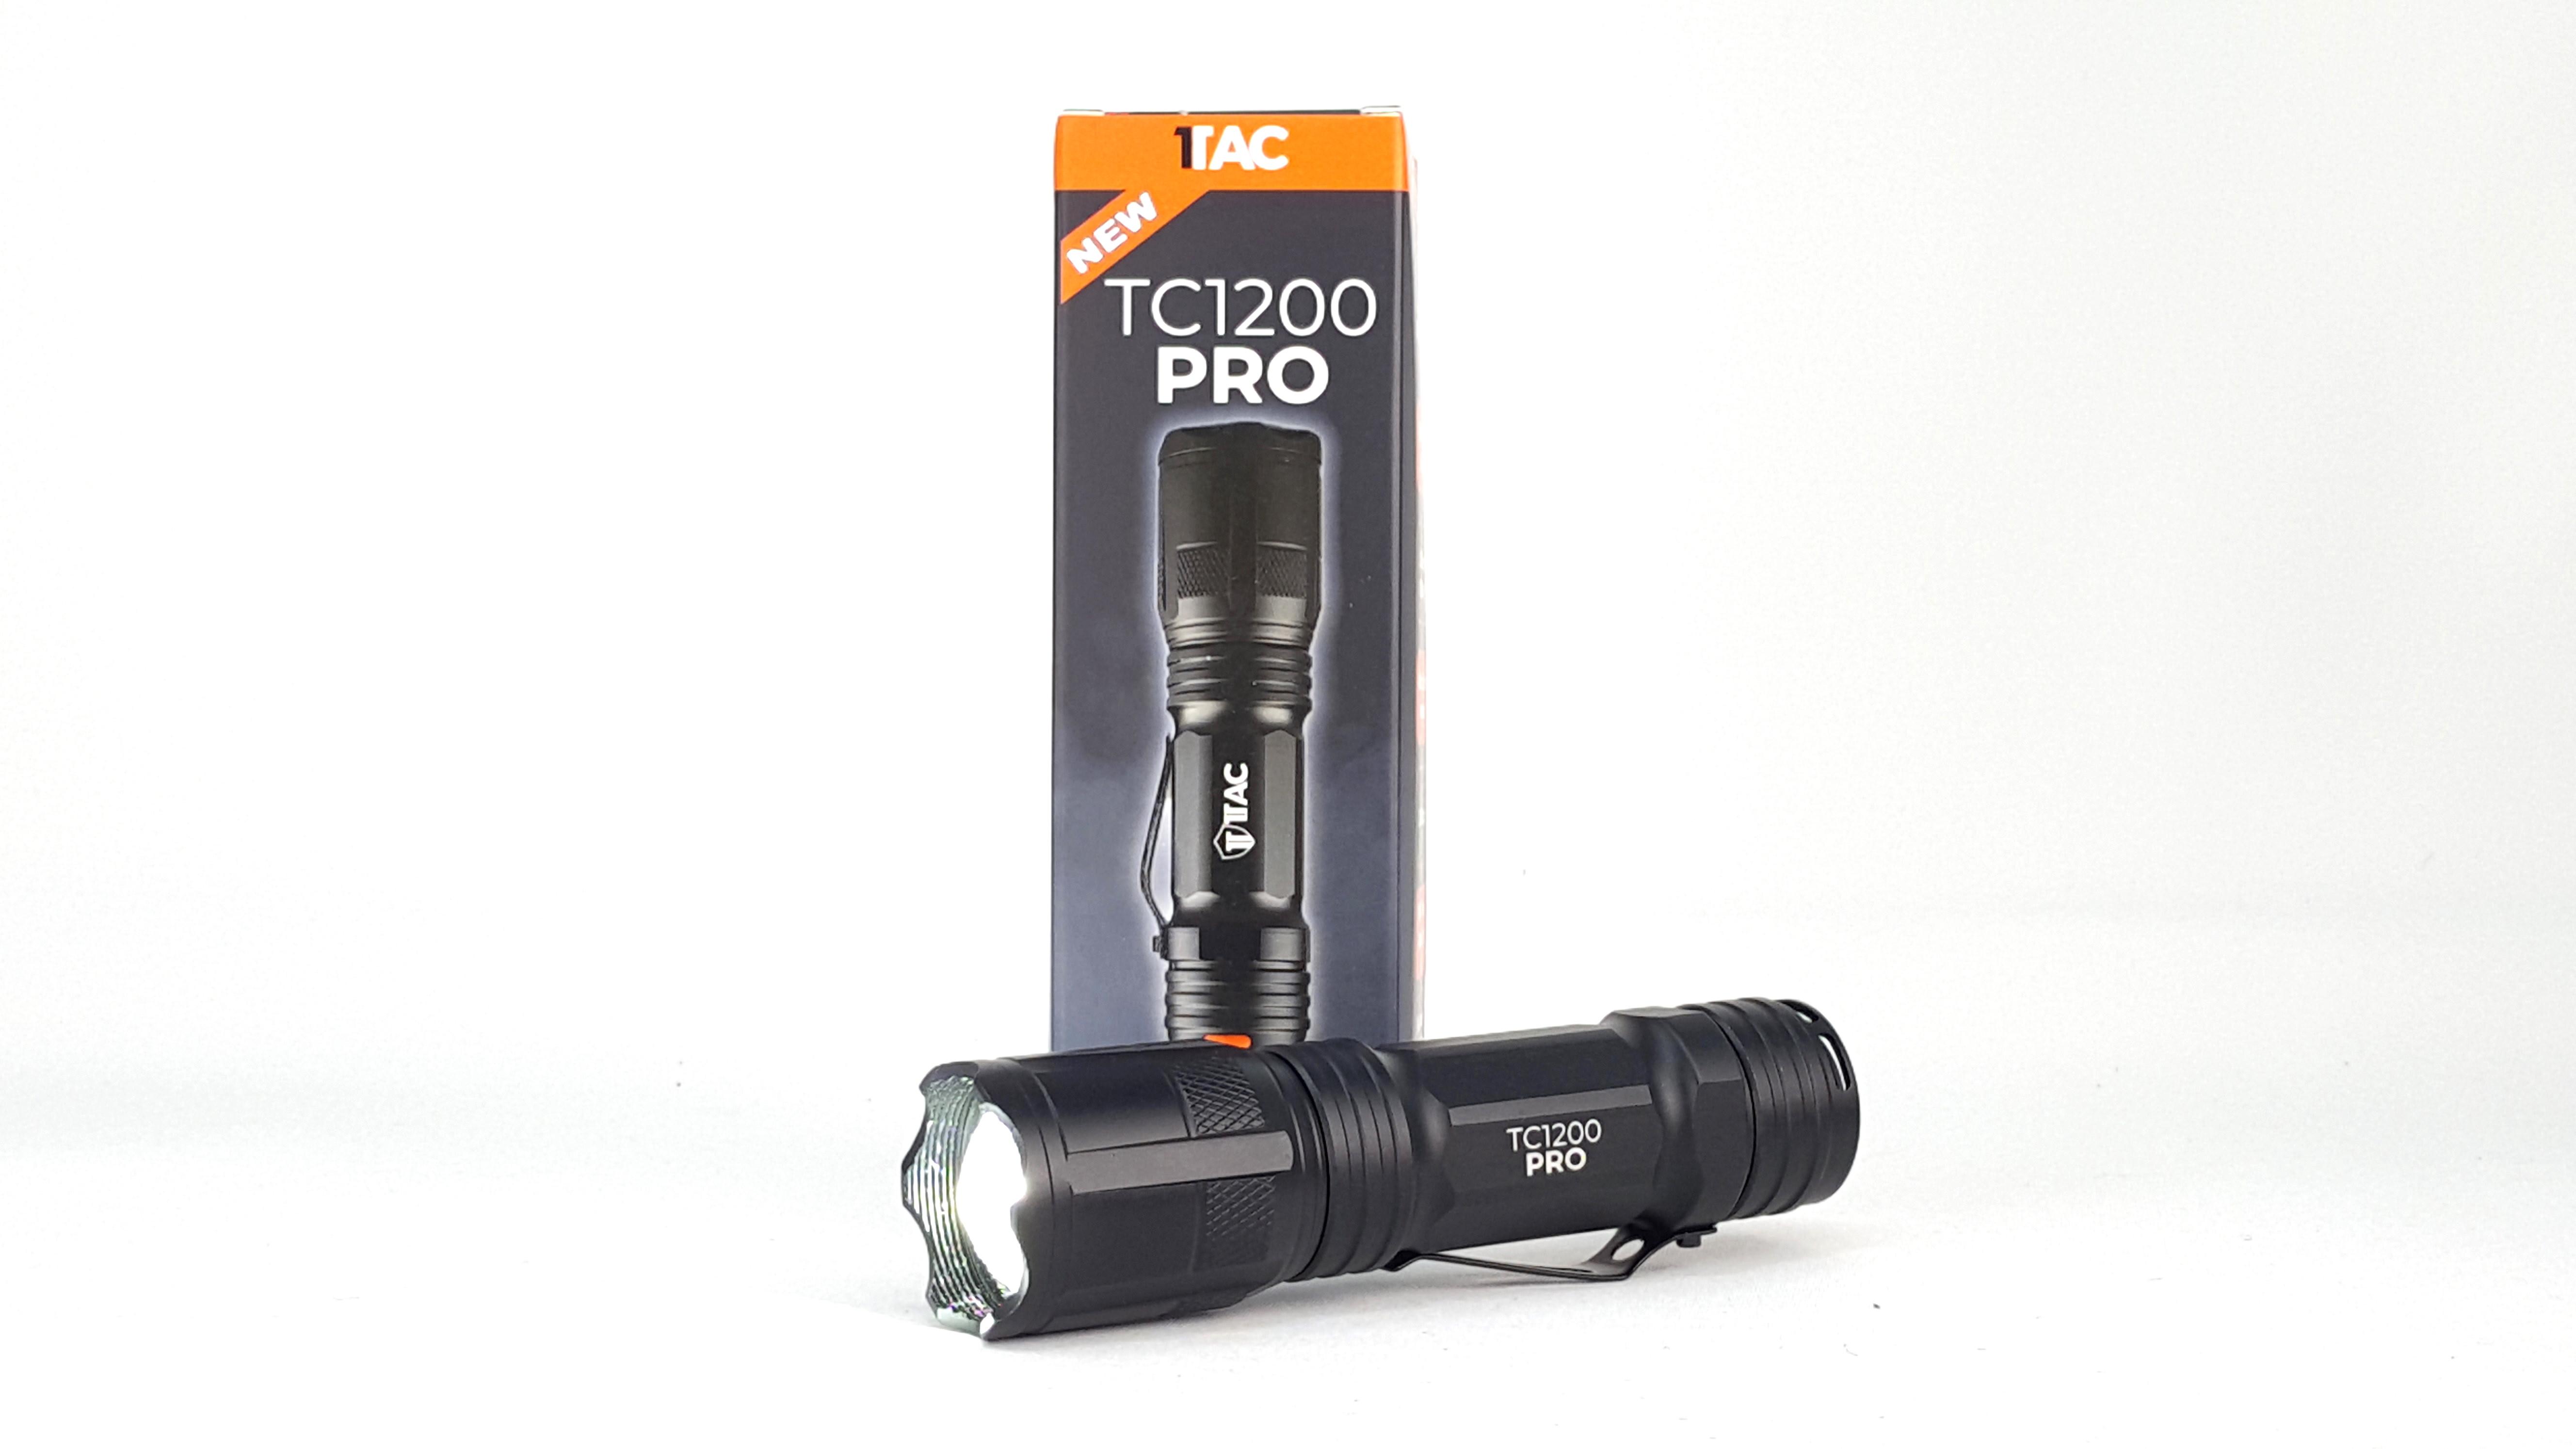 1TAC TC1200 PRO